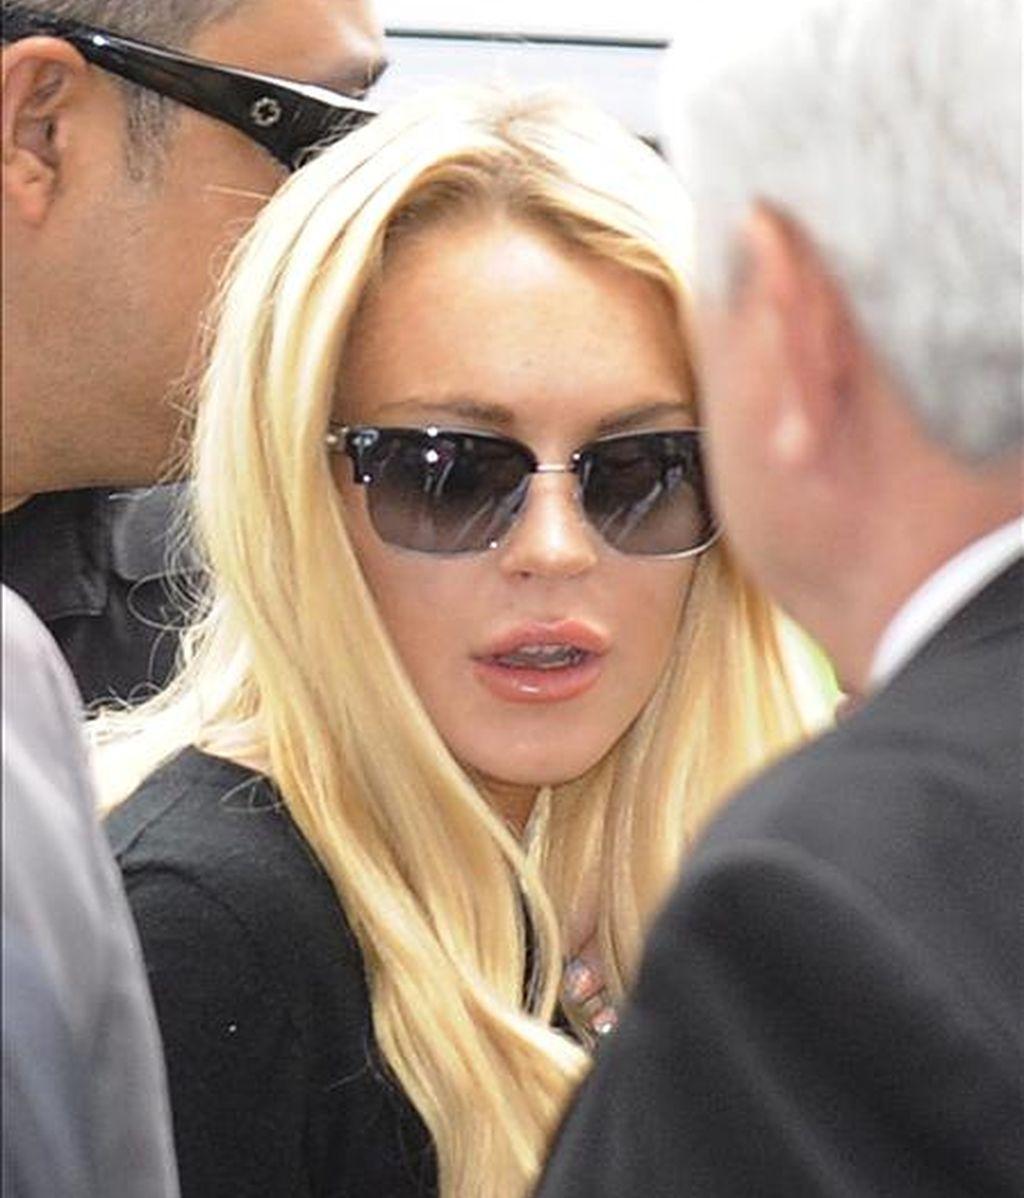 Lindsay Lohan se alojó el miércoles por la noche en Pickford Lofts, una institución para el tratamiento de adicciones creada en Los Ángeles (EE.UU.) por el abogado de famosos Robert Shapiro. EFE/Archivo